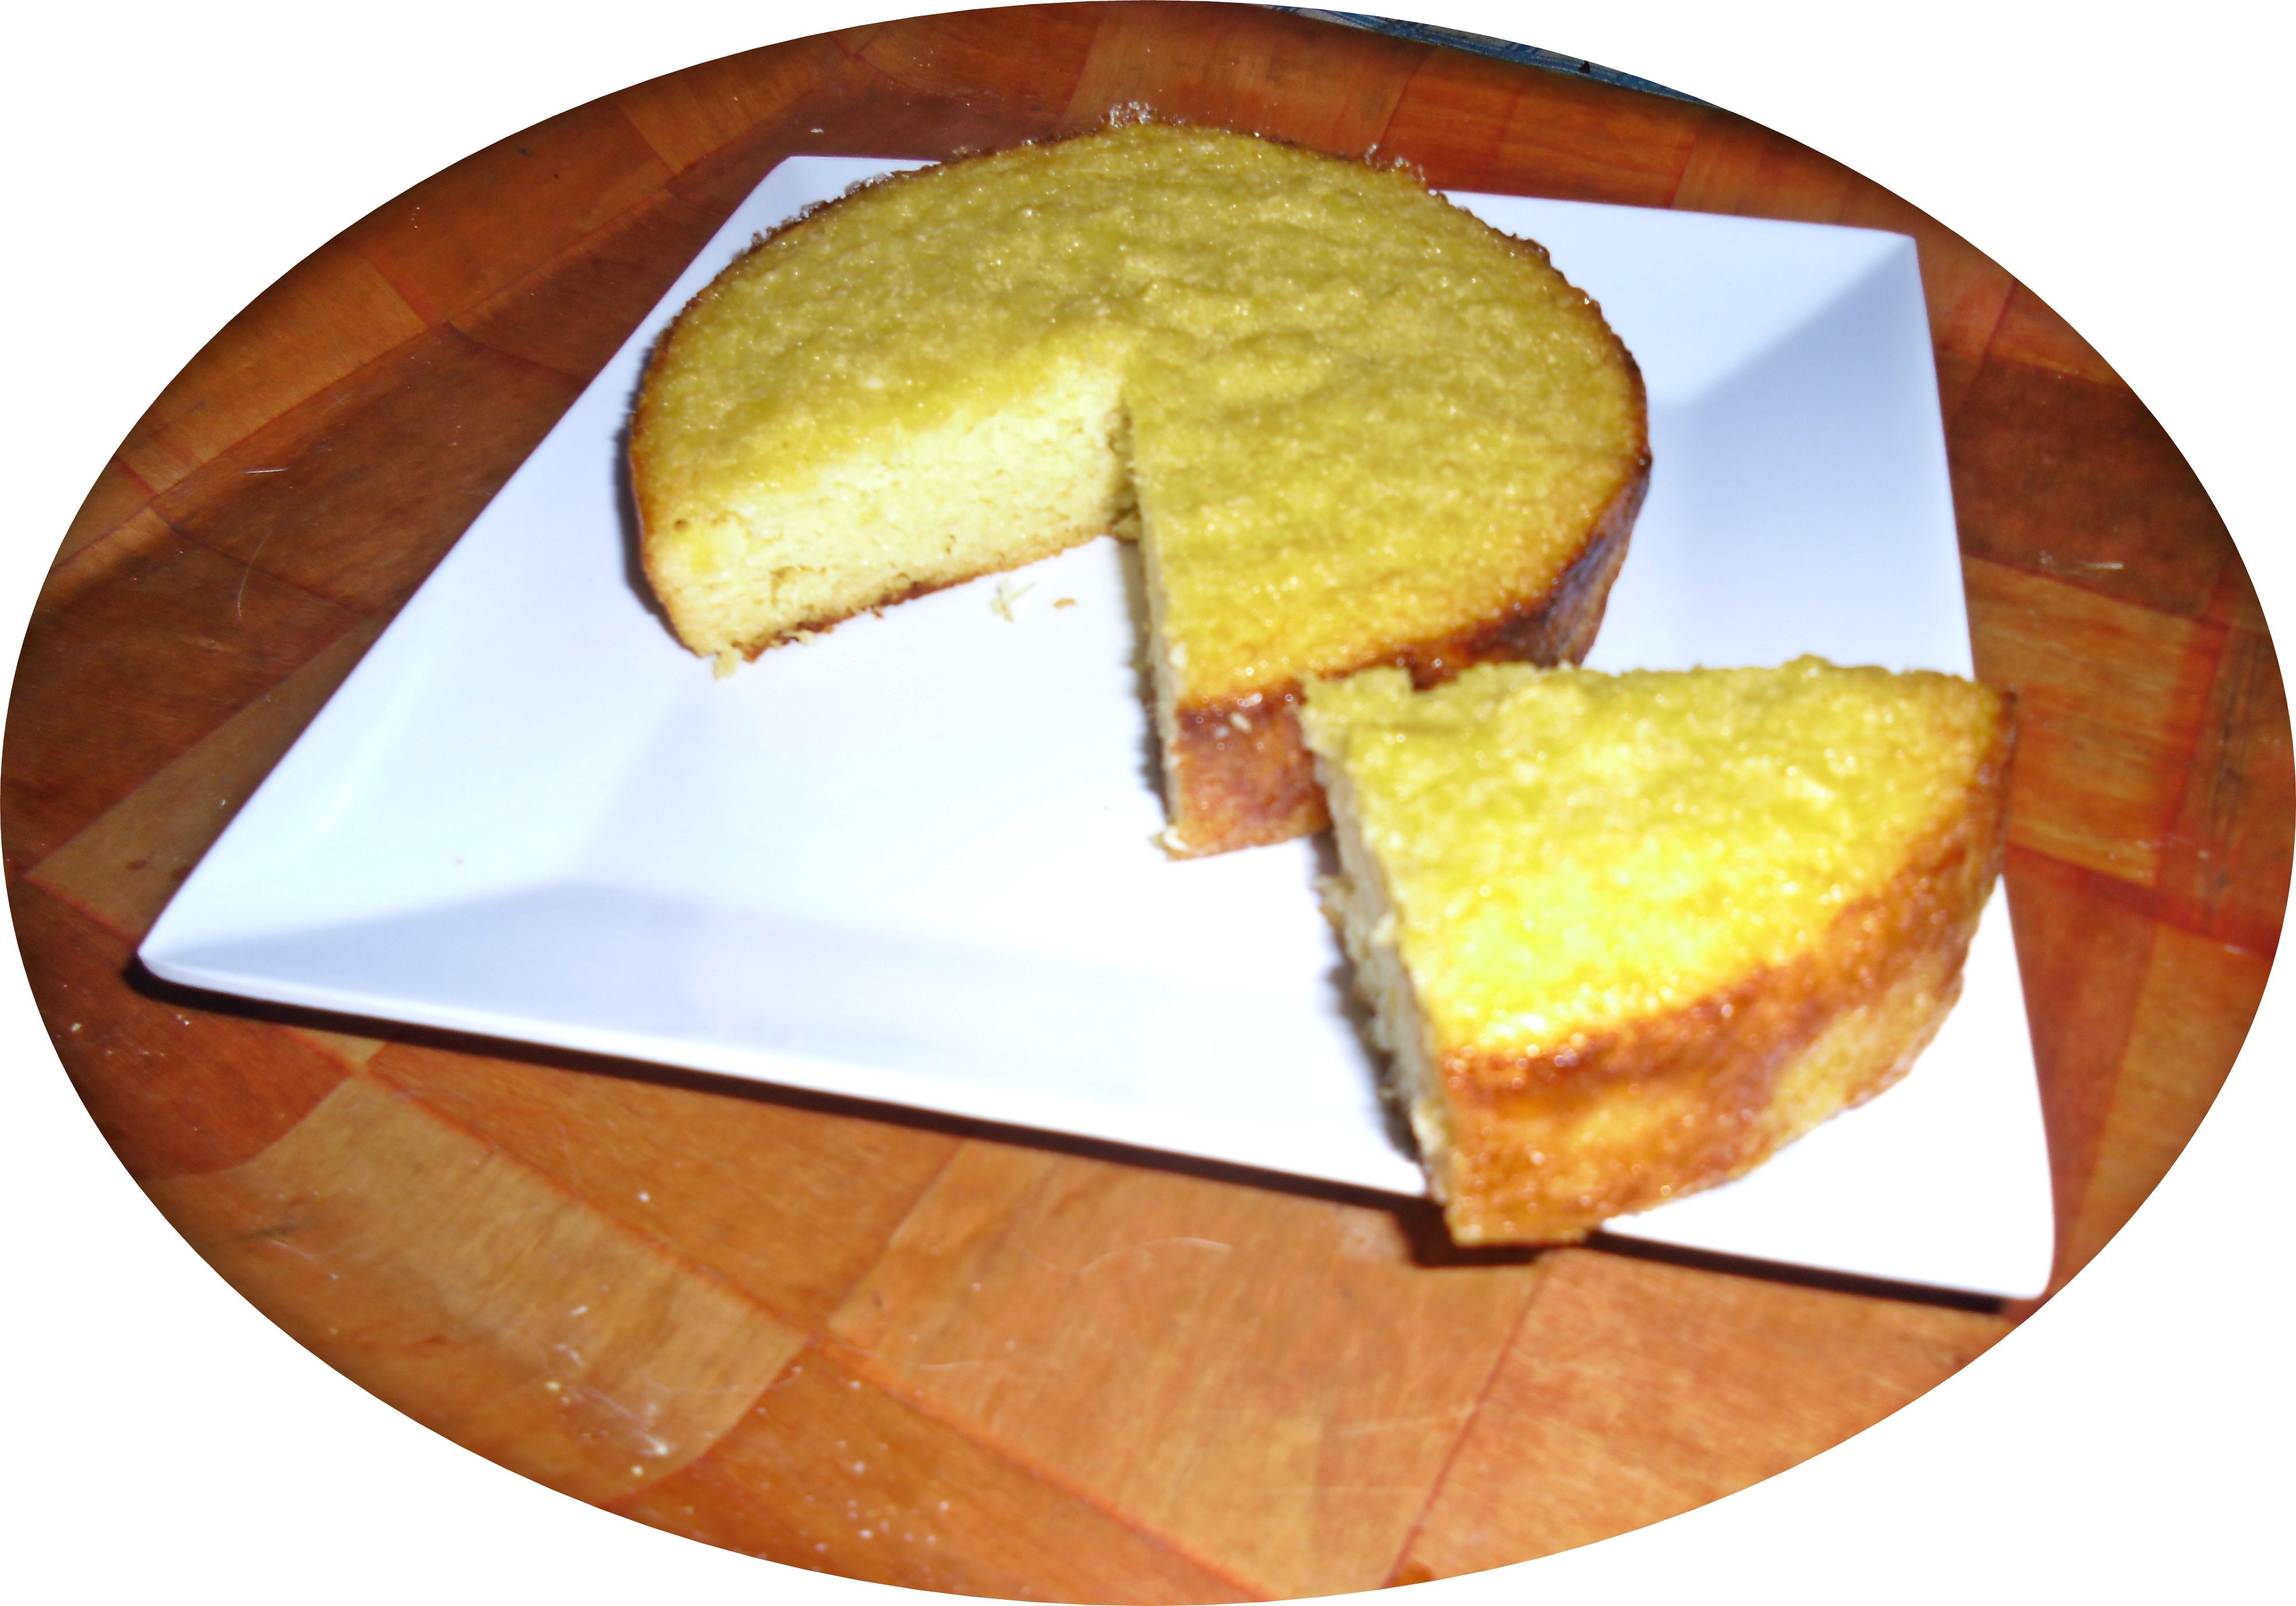 Kg. (500 grs. ó 250 grs.) de yuca, pelada y rallada (cruda) por el